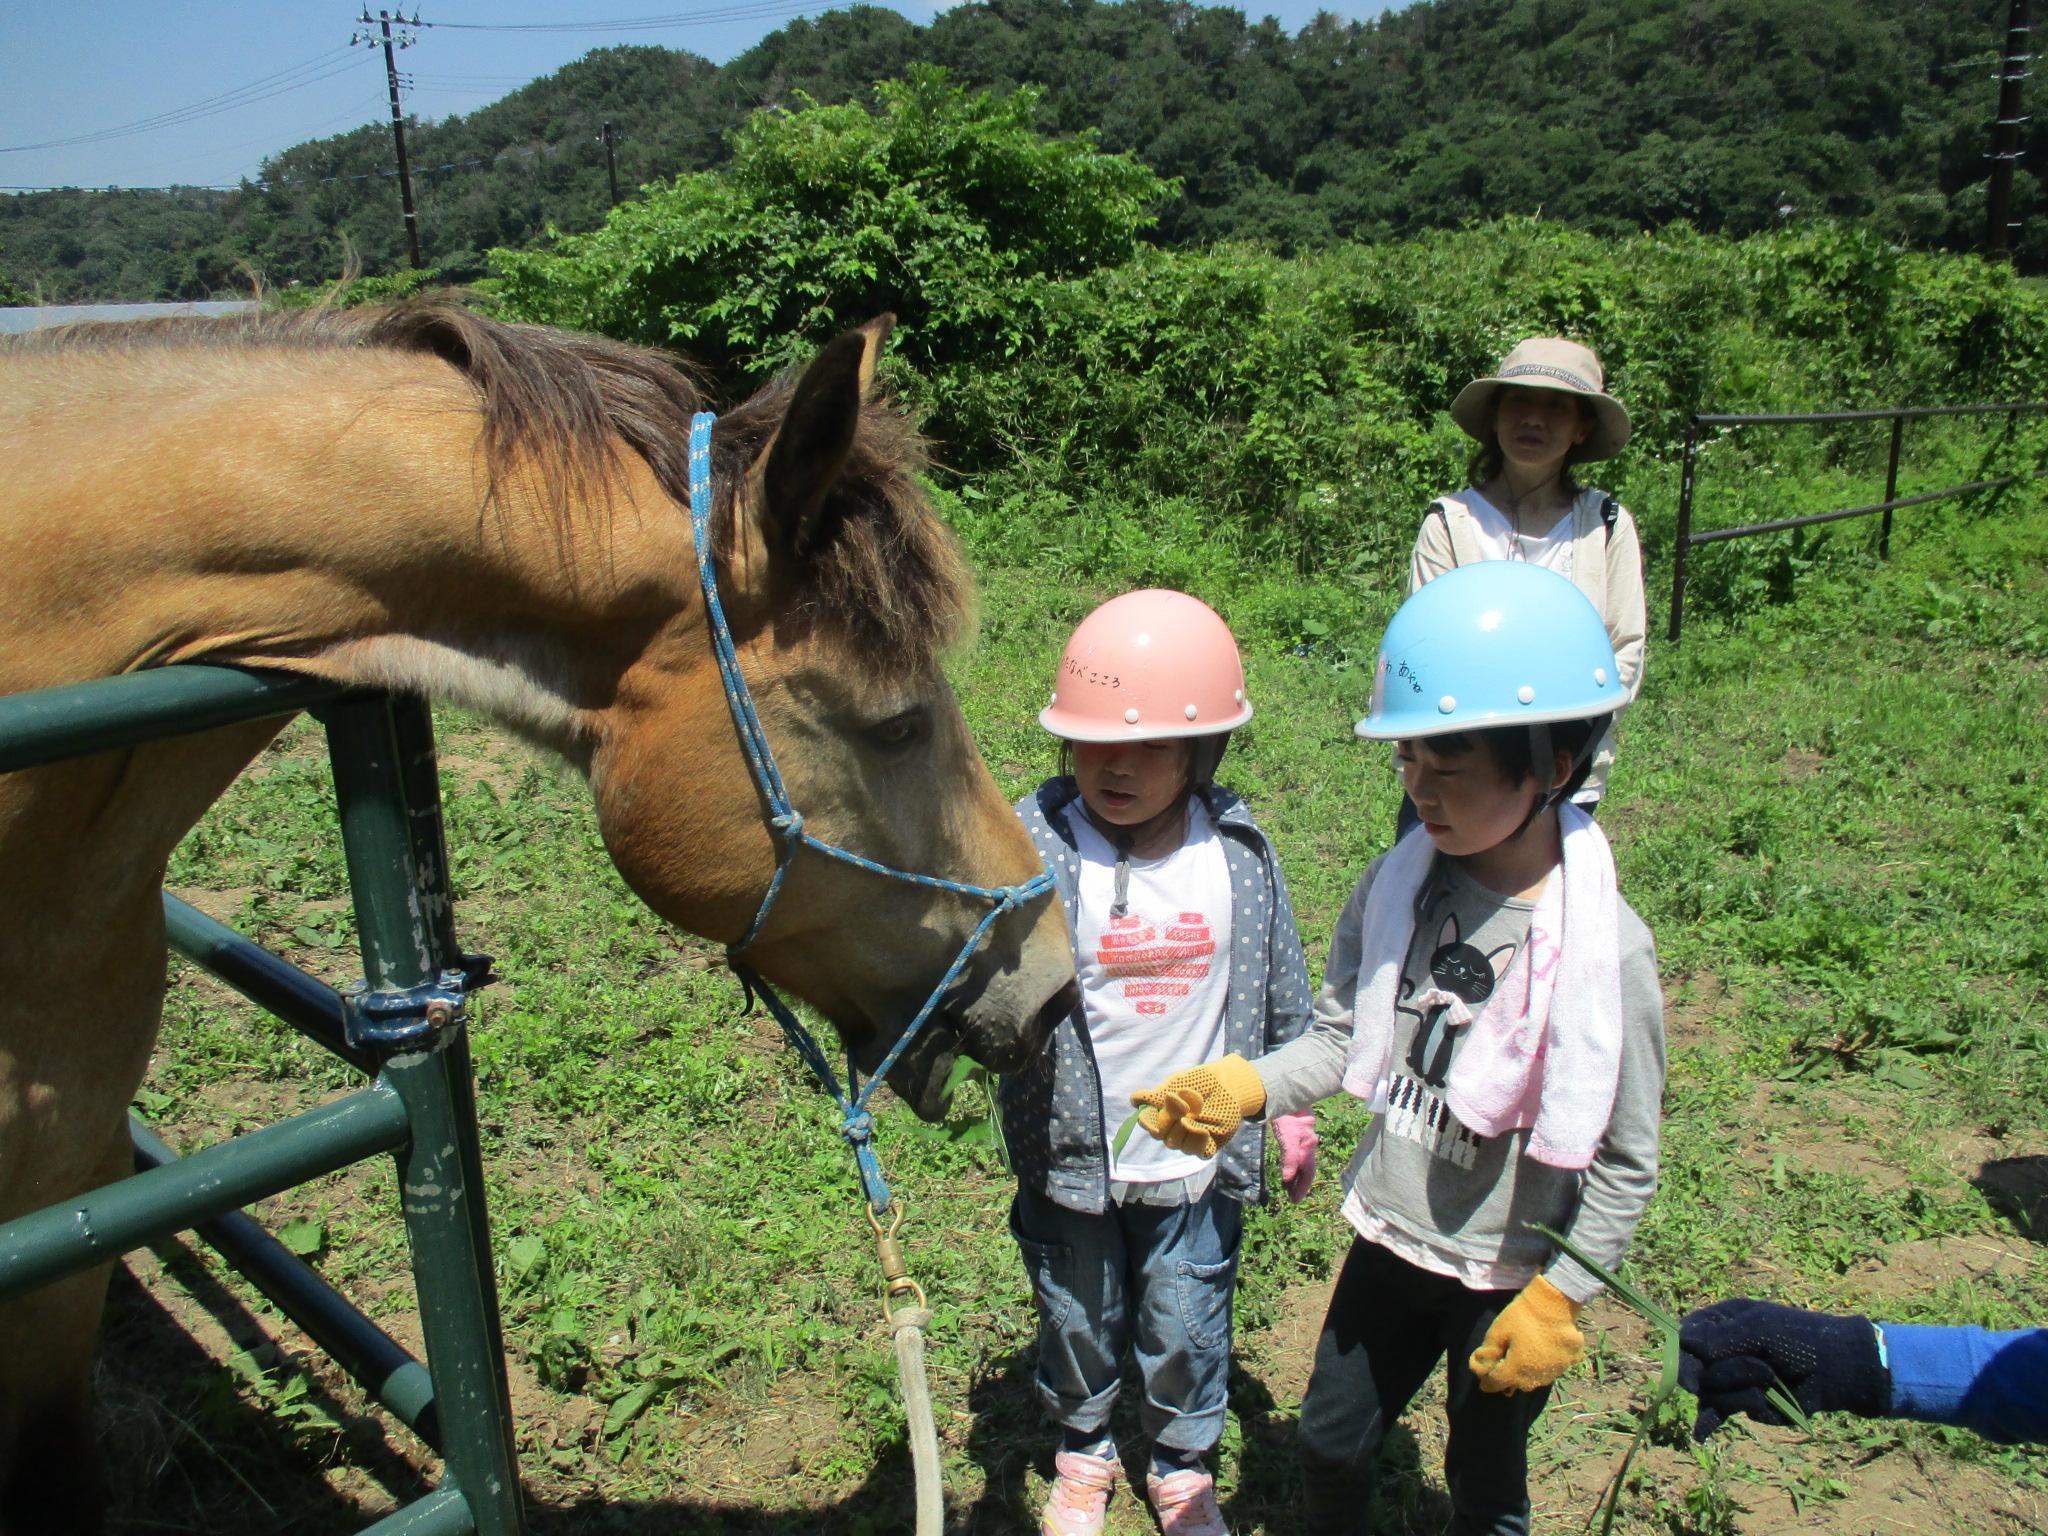 【東松島市】馬のお世話をして乗馬体験! キッズ 牧場体験プログラム【コース番号:70004】